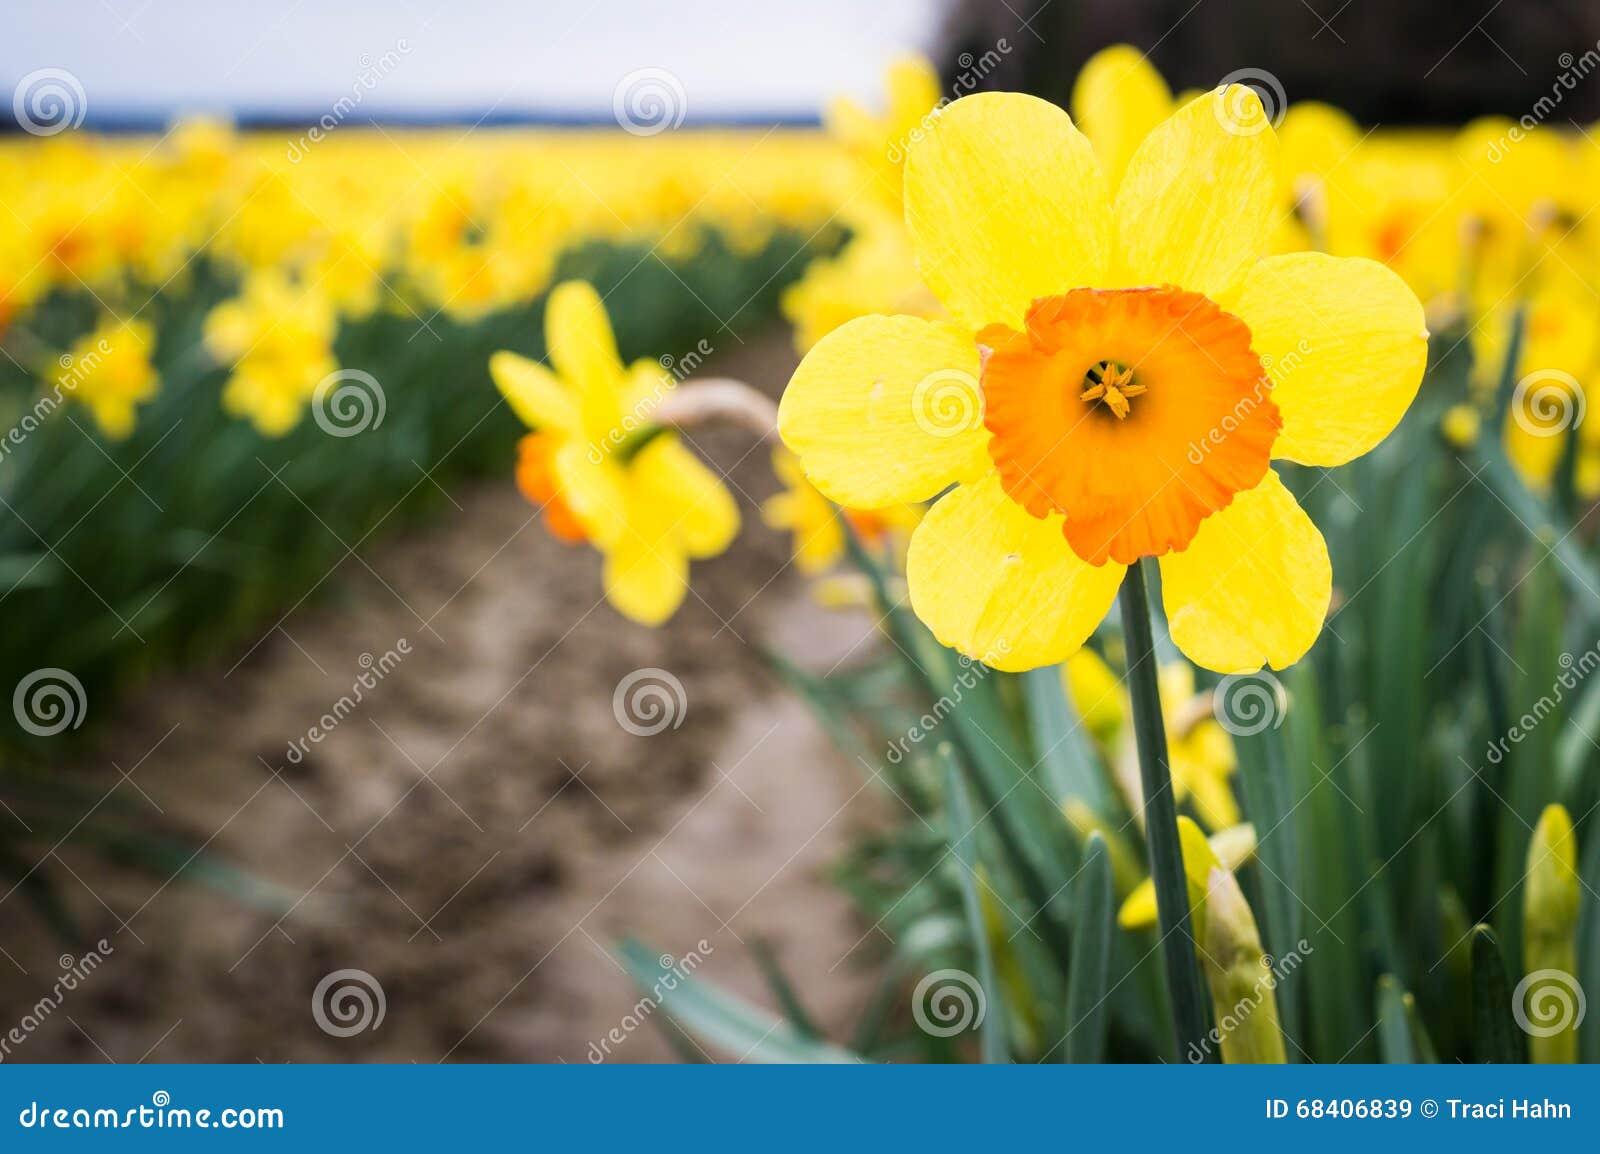 Chiuda su di un narciso giallo ed arancio in un campo del narciso con altri narcisi nelle file dietro